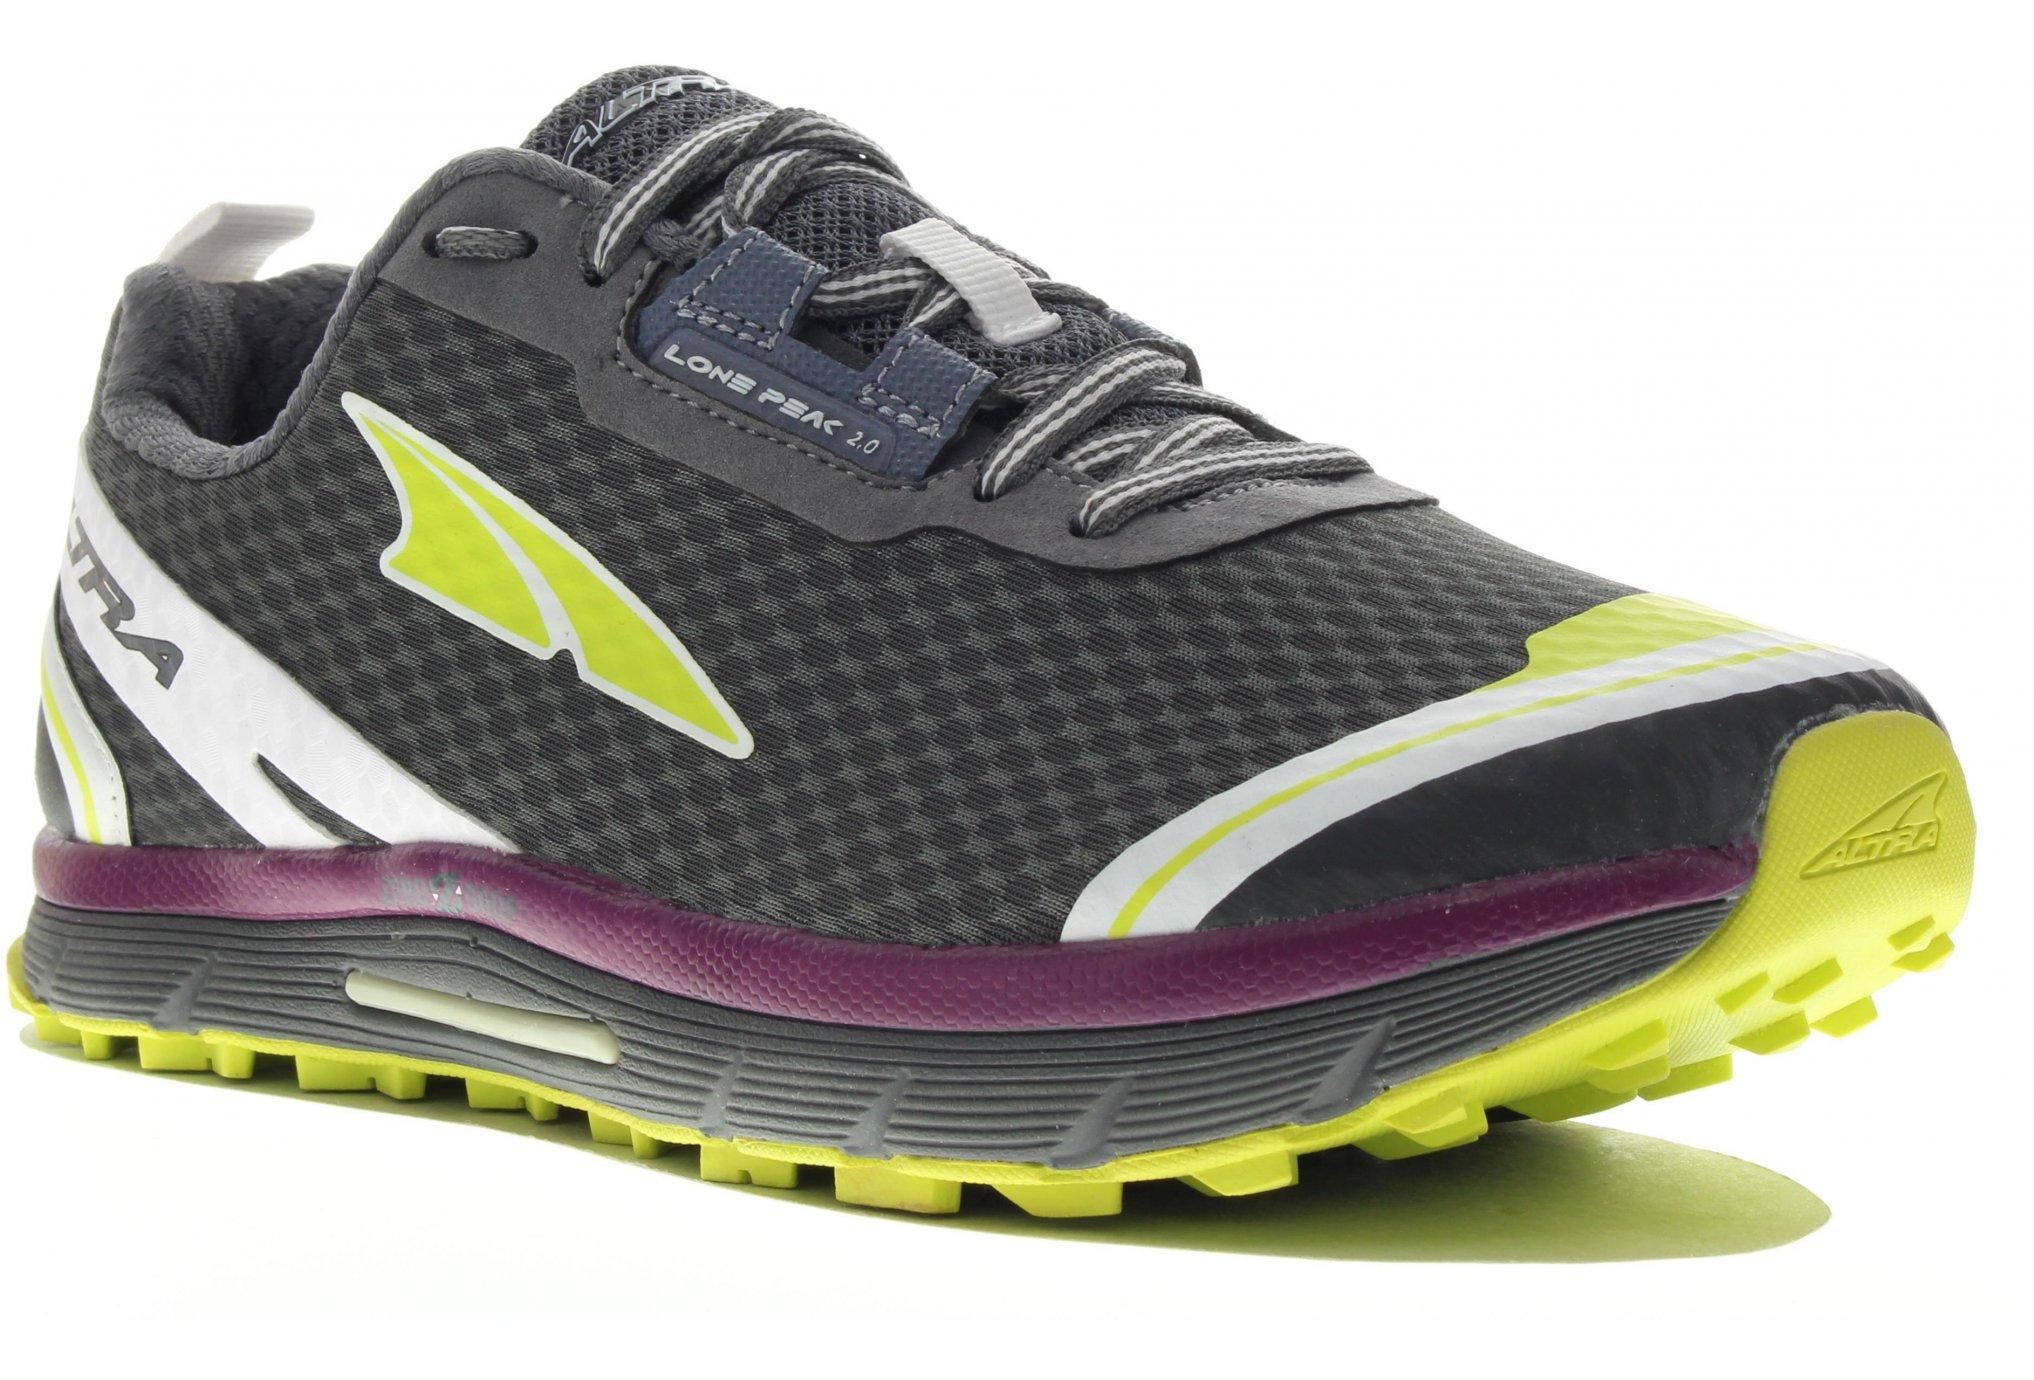 Altra Lone peak 2.0 neoshell w diététique chaussures femme